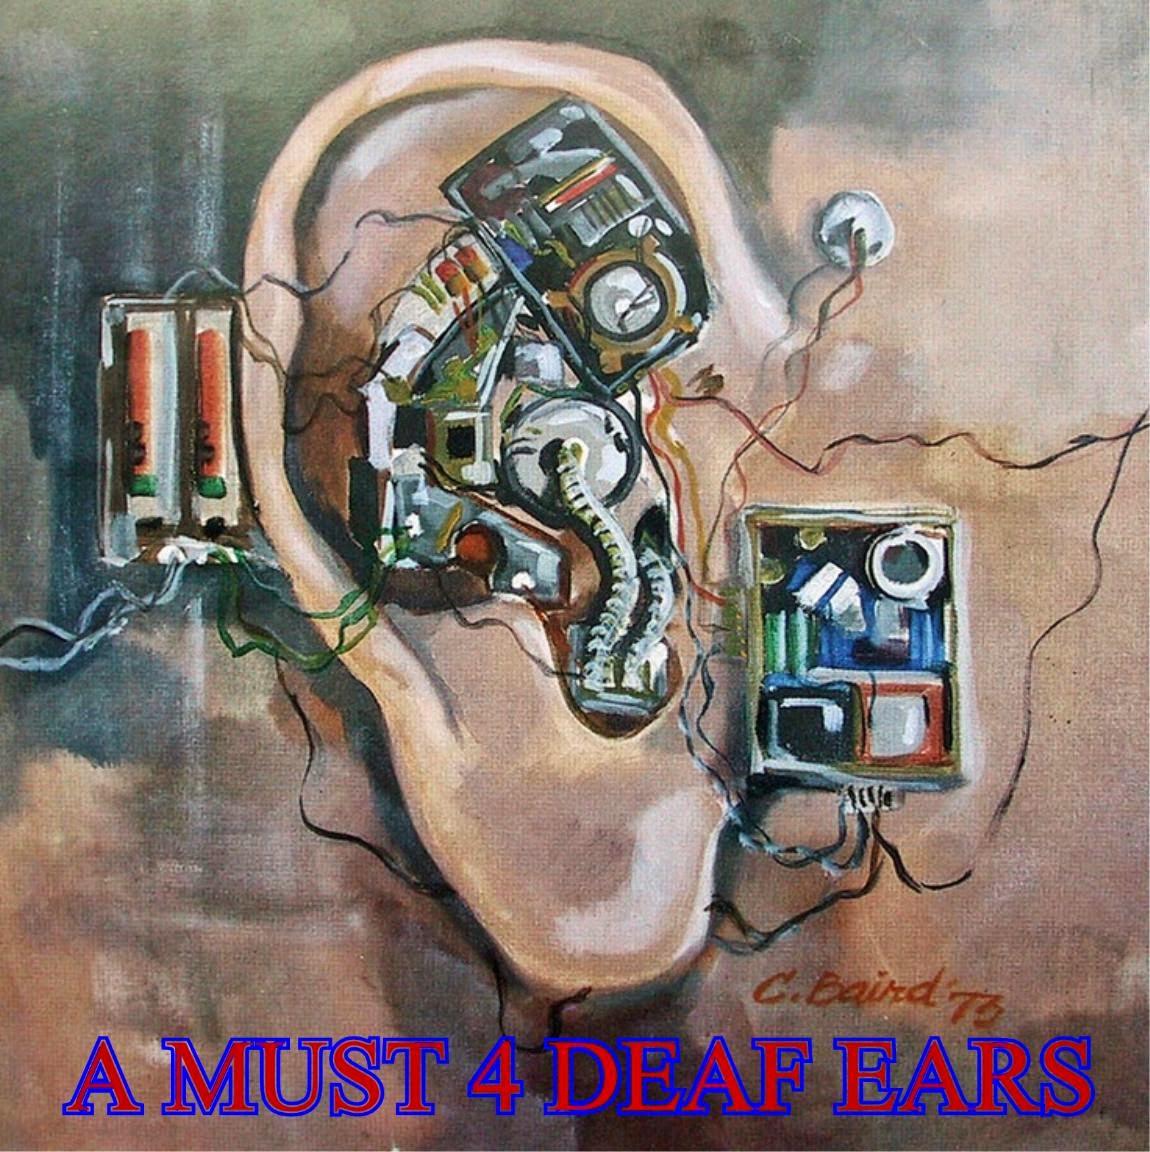 A MUST 4 DEAF EARS